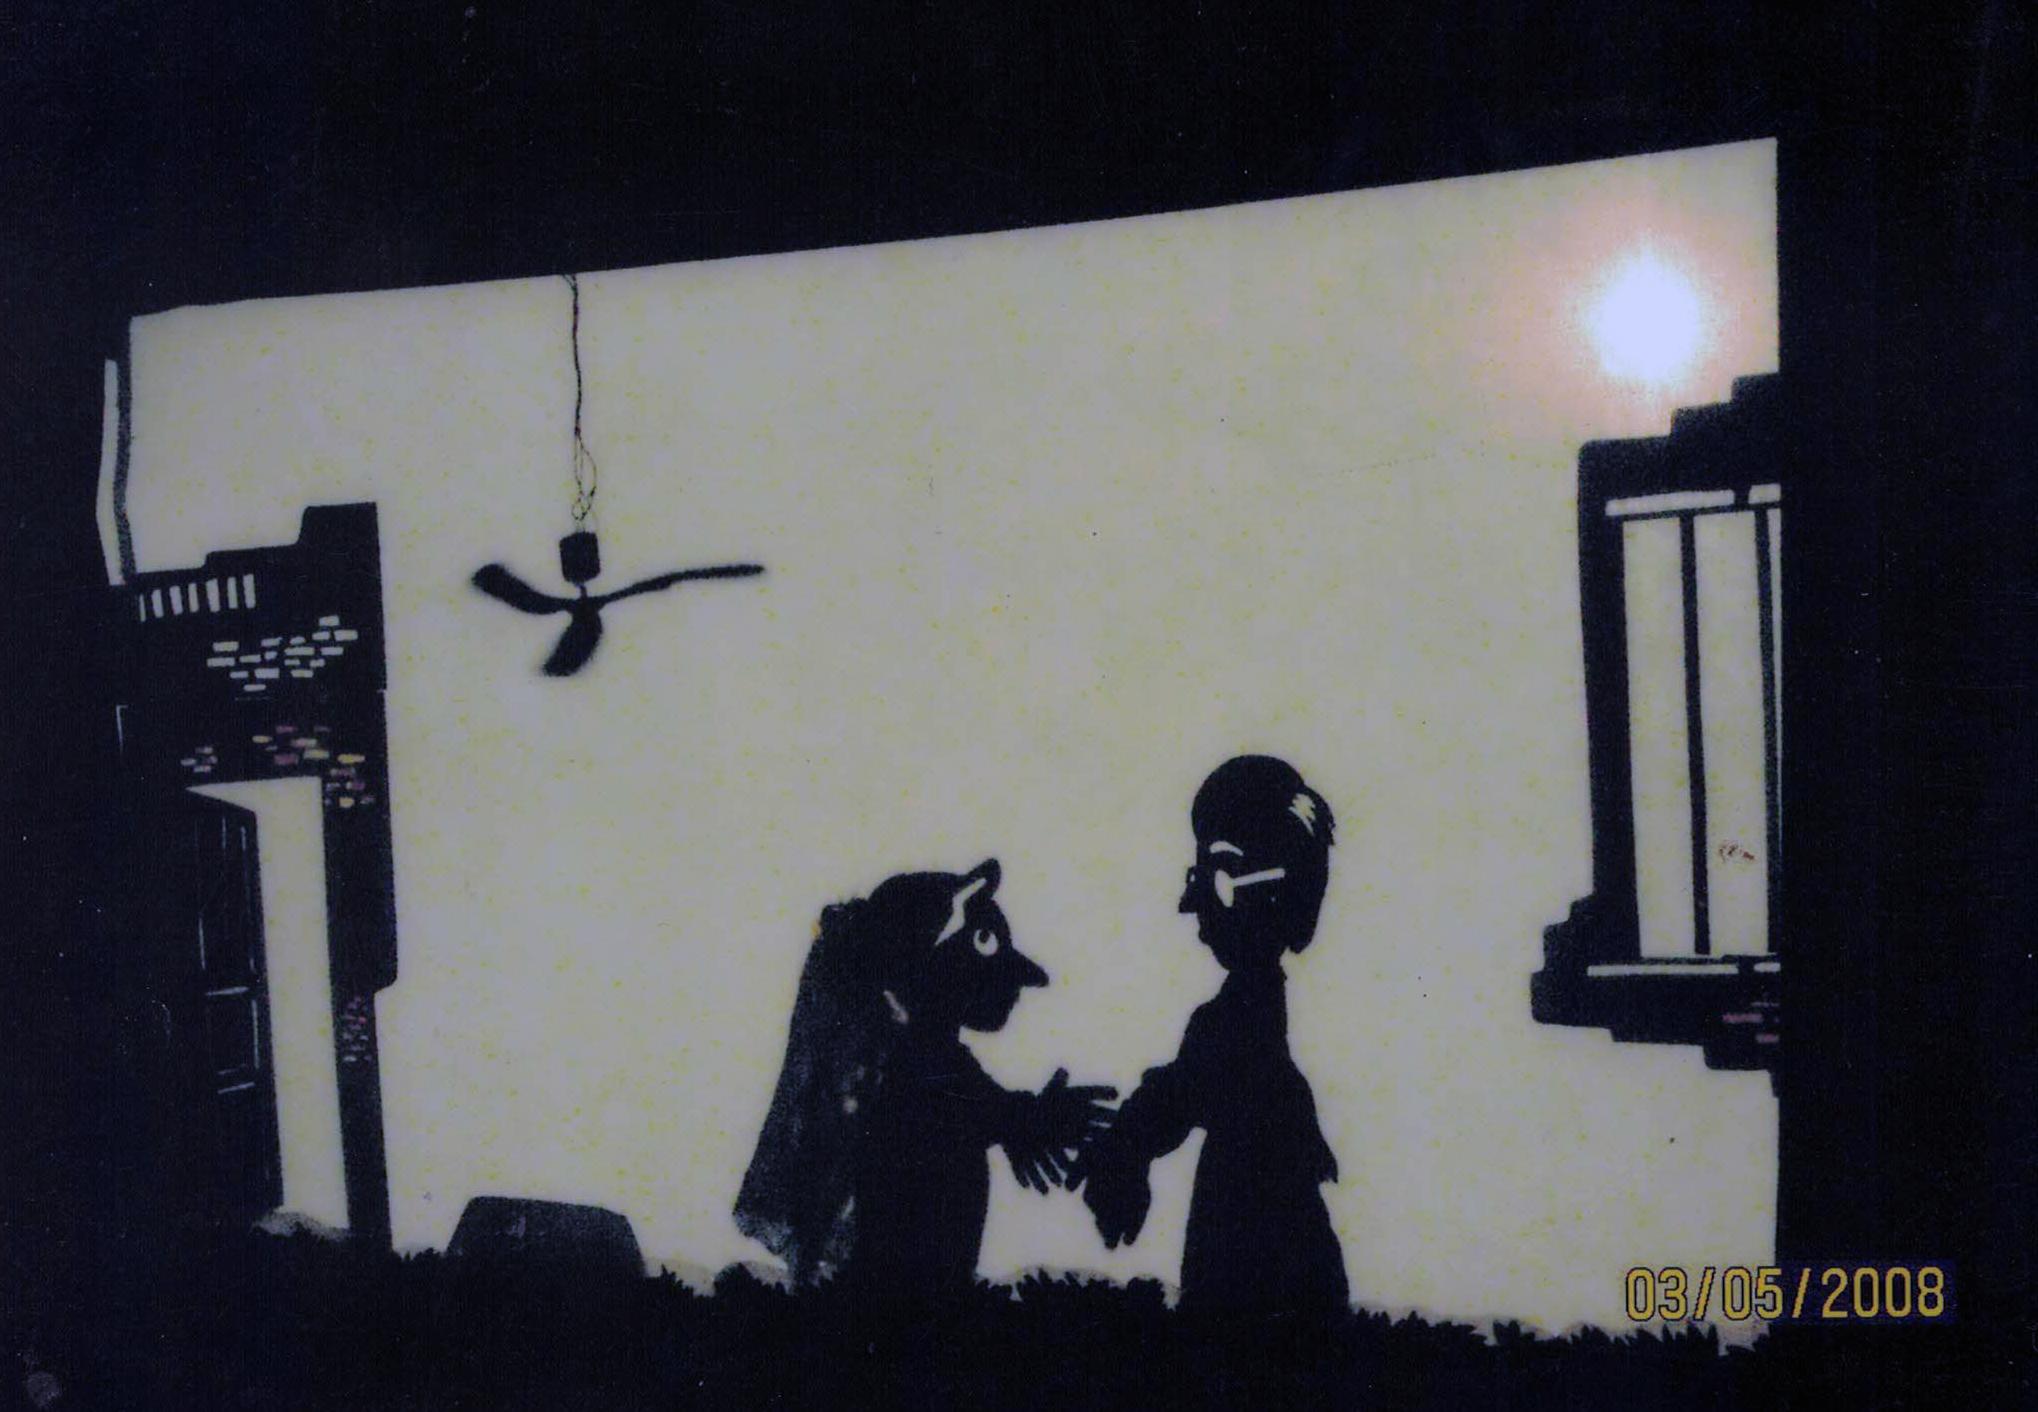 Scène dans un spectacle de théâtre d'ombres par Simple Puppet Theatre (Kolkata, Bengale occidental), mise en scène et conception : Swapna Sen, construction et manipulation de marionnettes : Swapna Sen, Sukalyani Paul, Alok Som et Amar Naskar